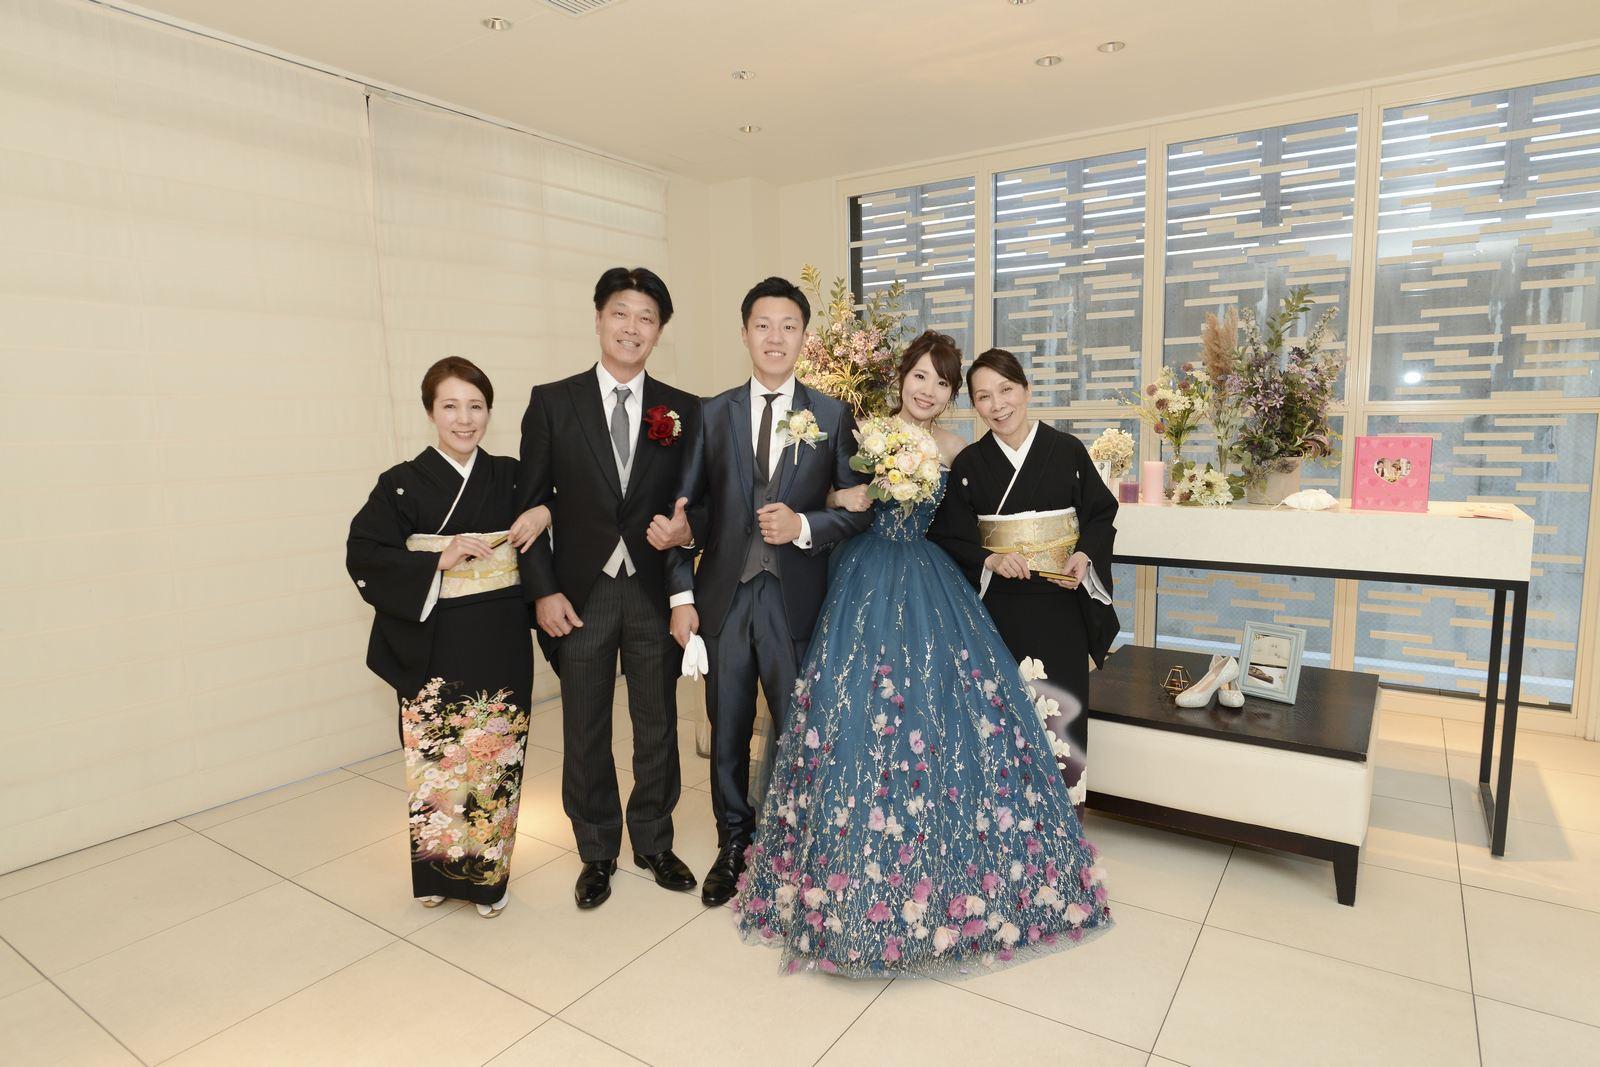 高松市結婚式場アイルバレクラブ 家族写真